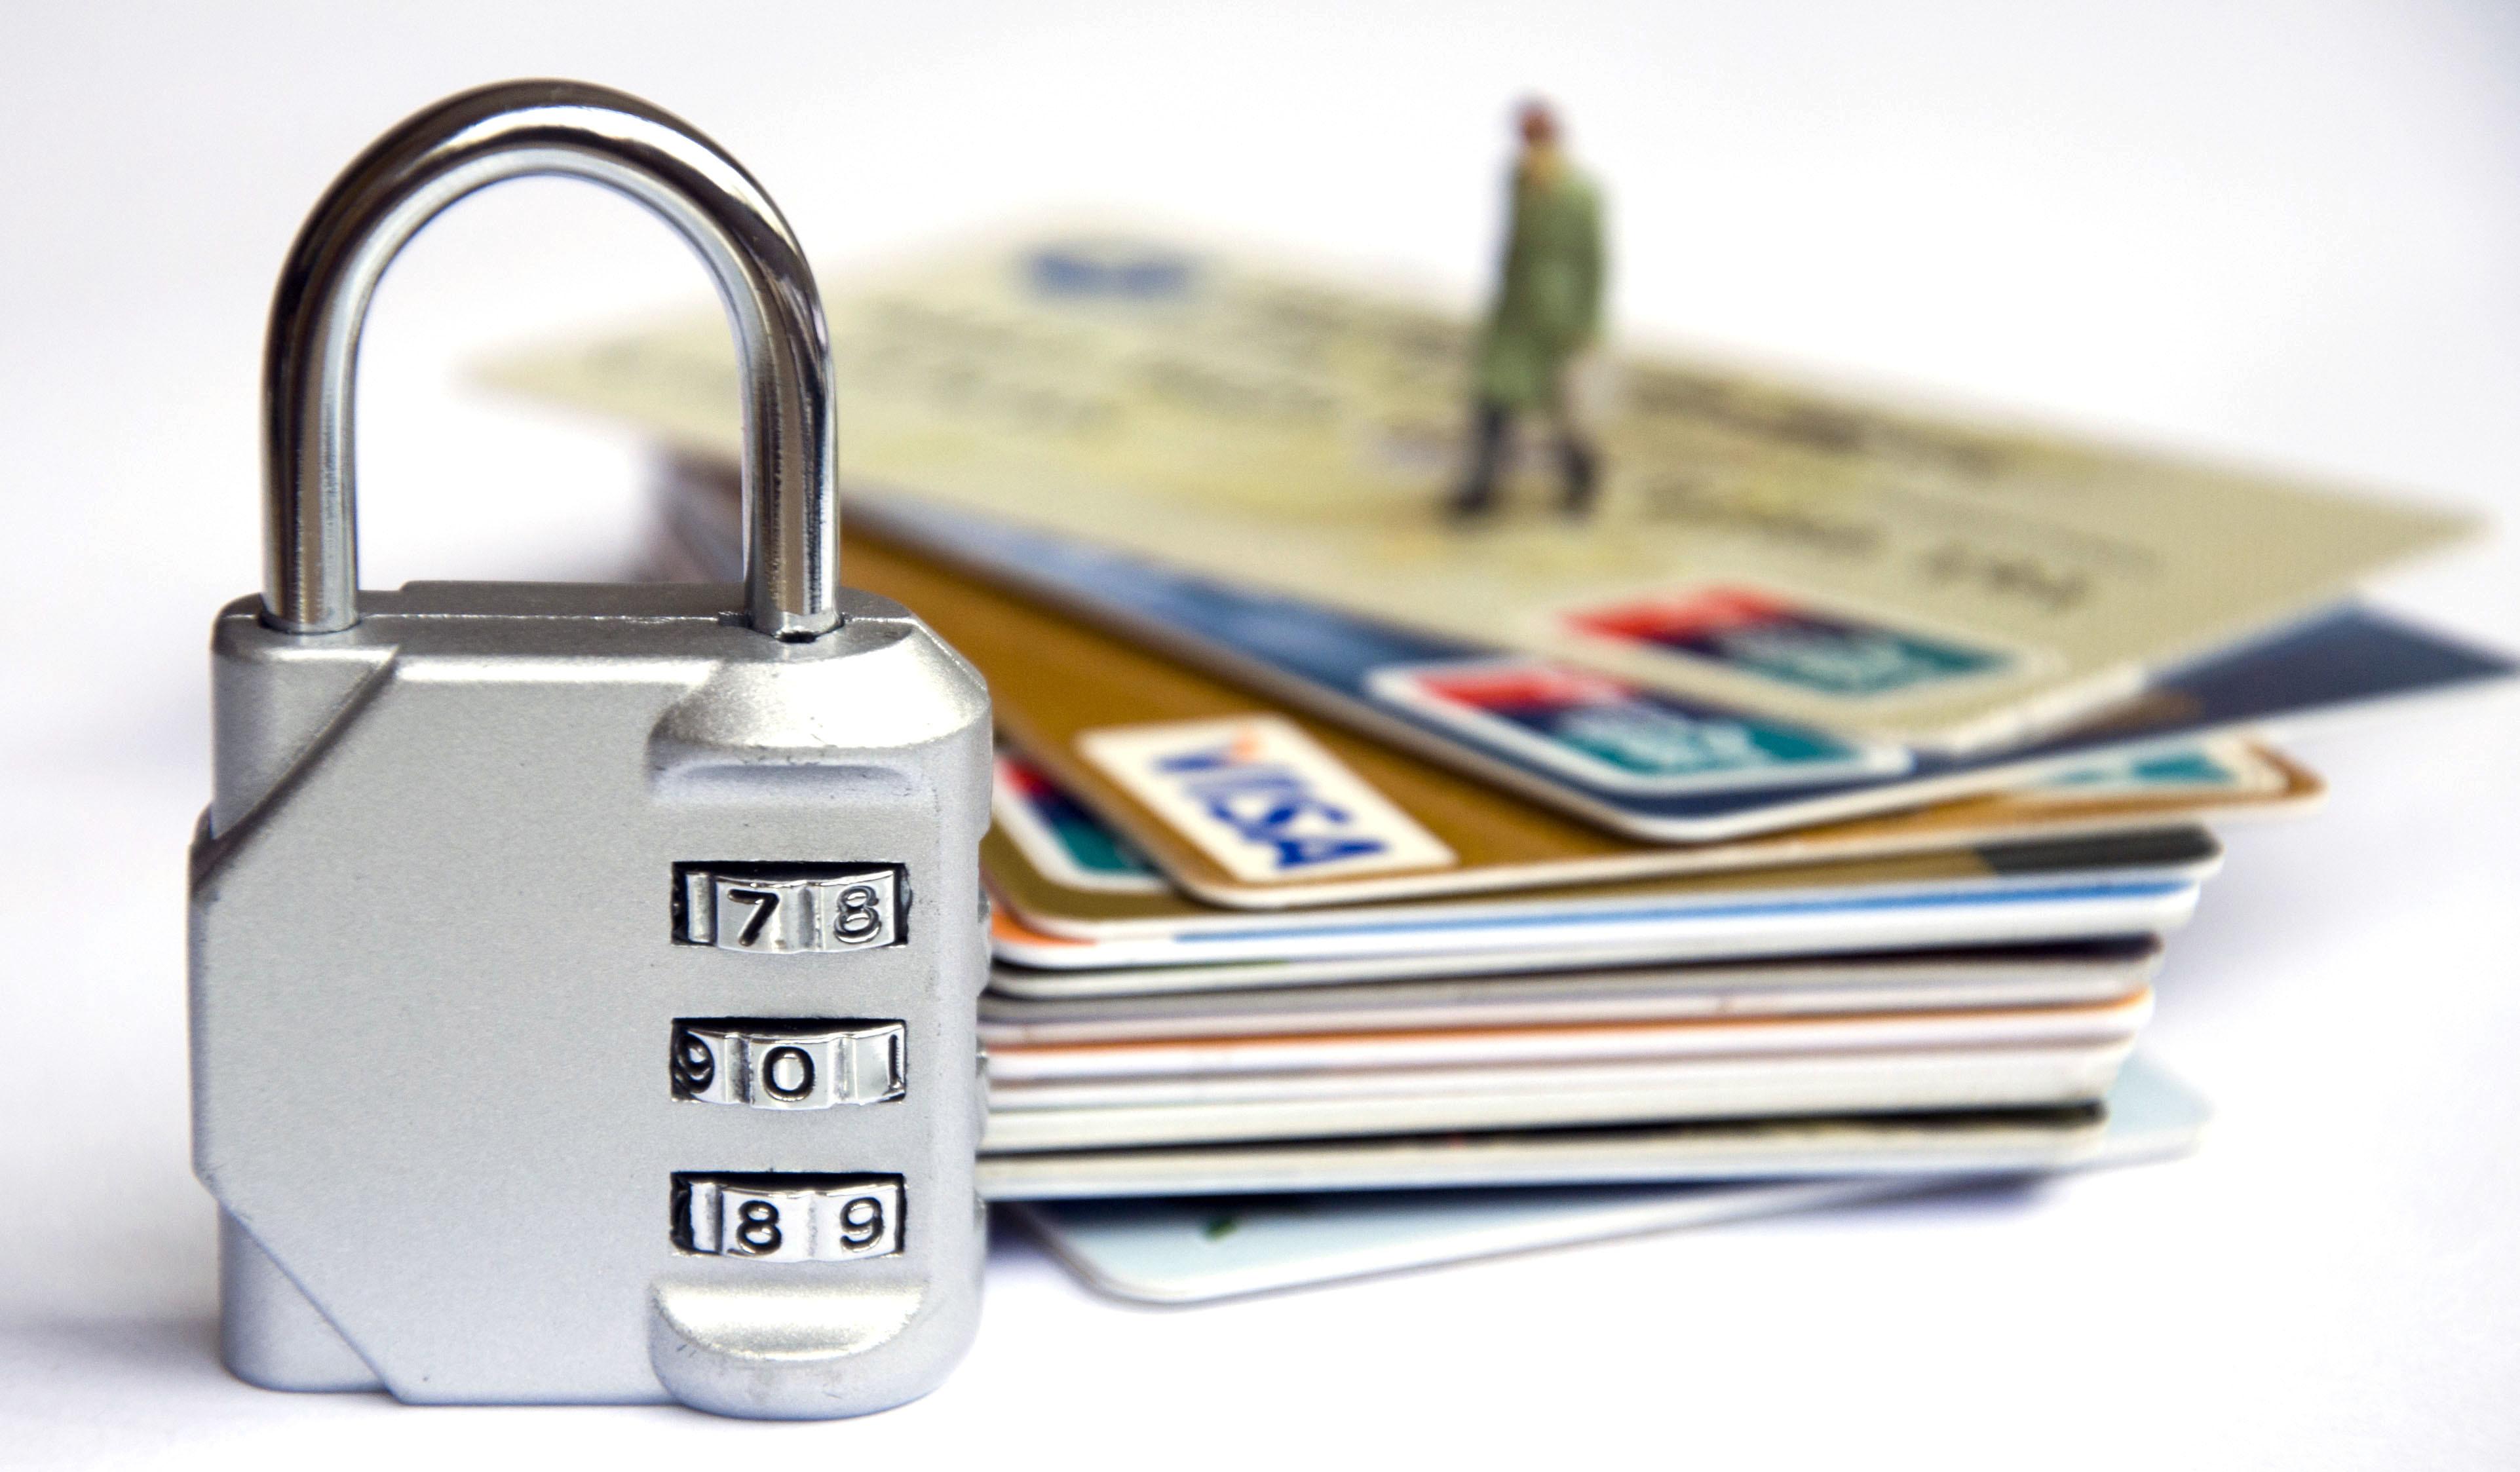 融e借利率飙升,还有哪些贷款值得申请?